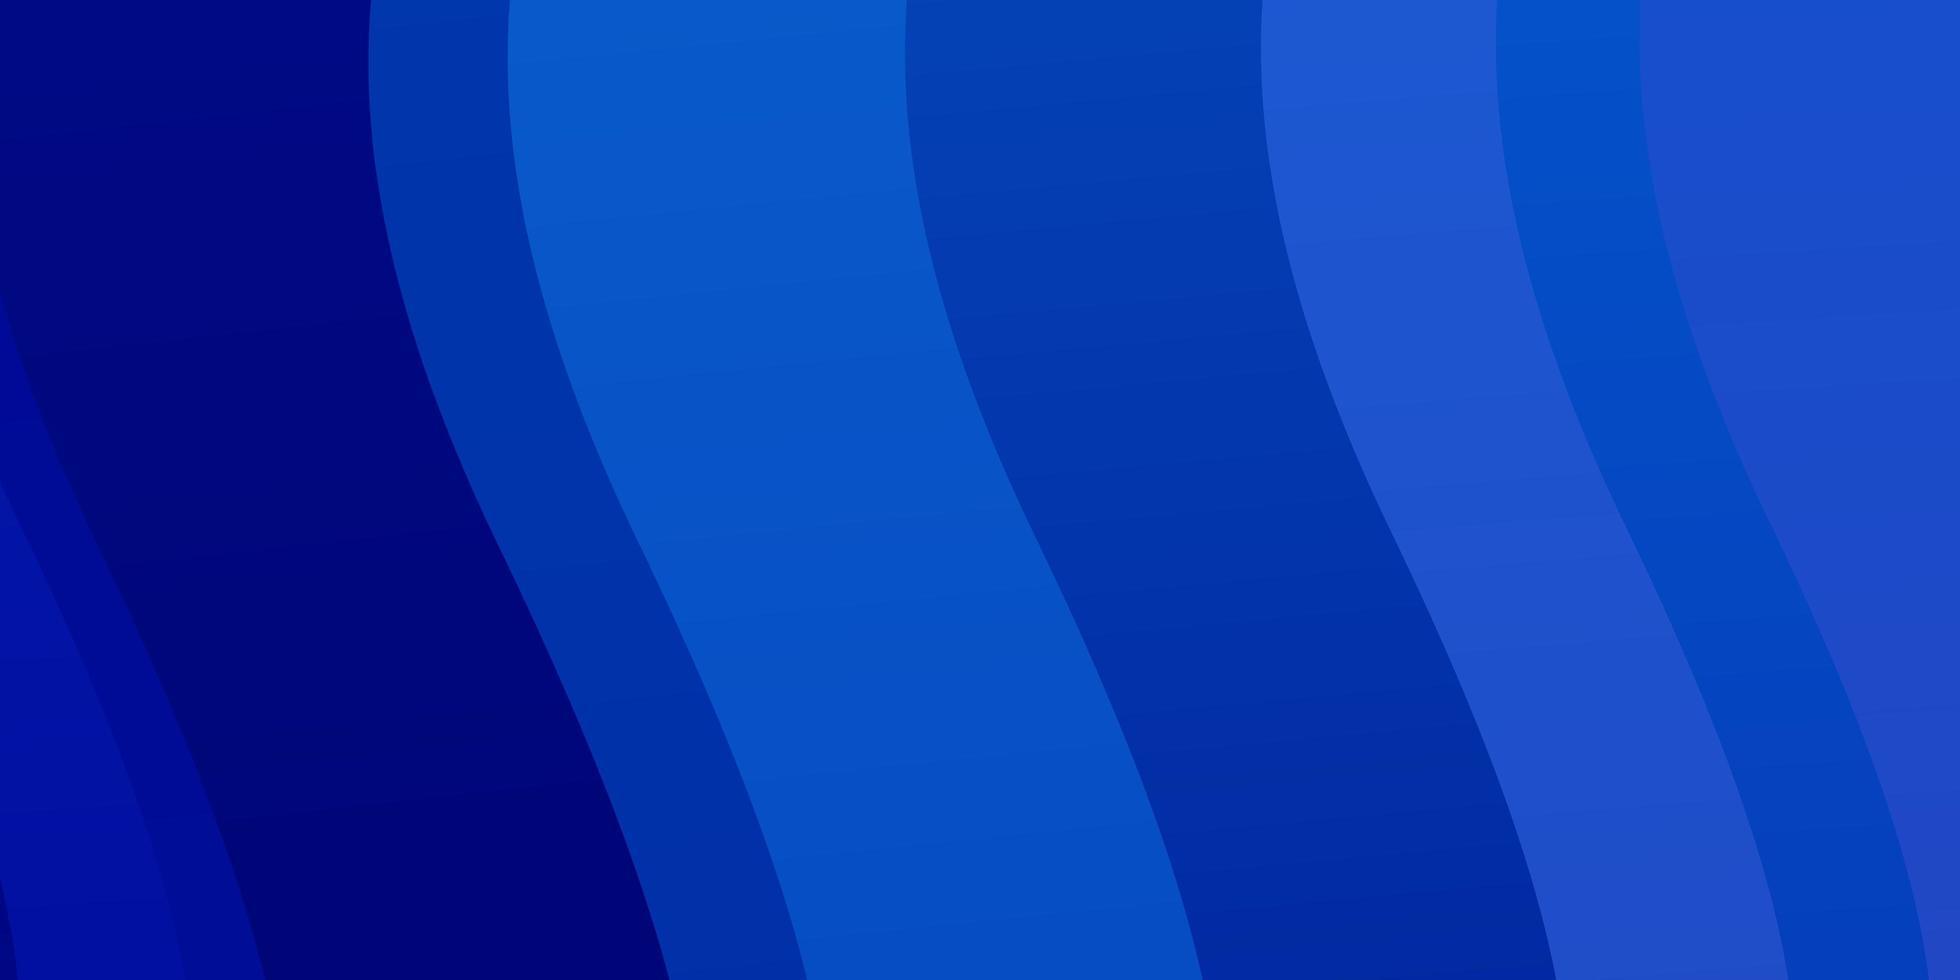 fond de vecteur bleu clair avec des lignes pliées.